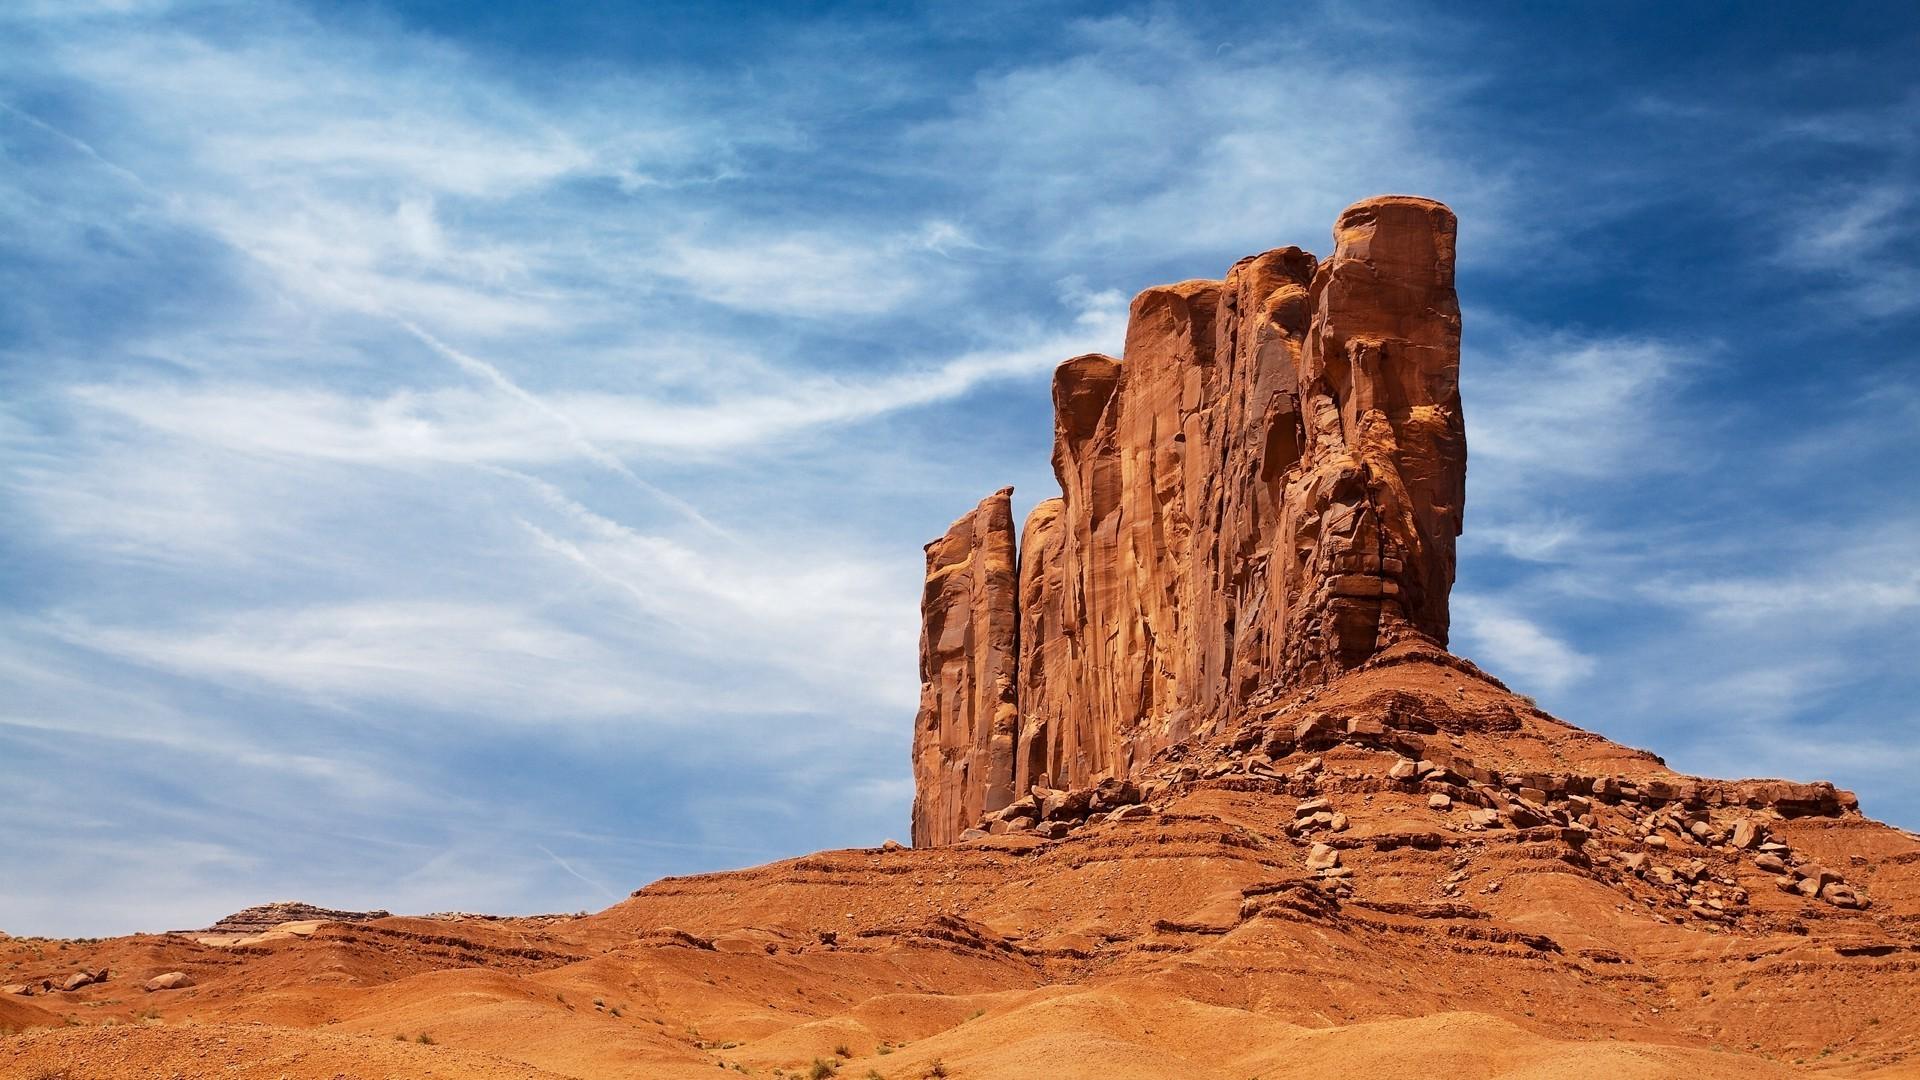 nature, Landscape, Desert, Rock, Sandstone, Sand, Rock Formation, Arizona  Wallpapers HD / Desktop and Mobile Backgrounds